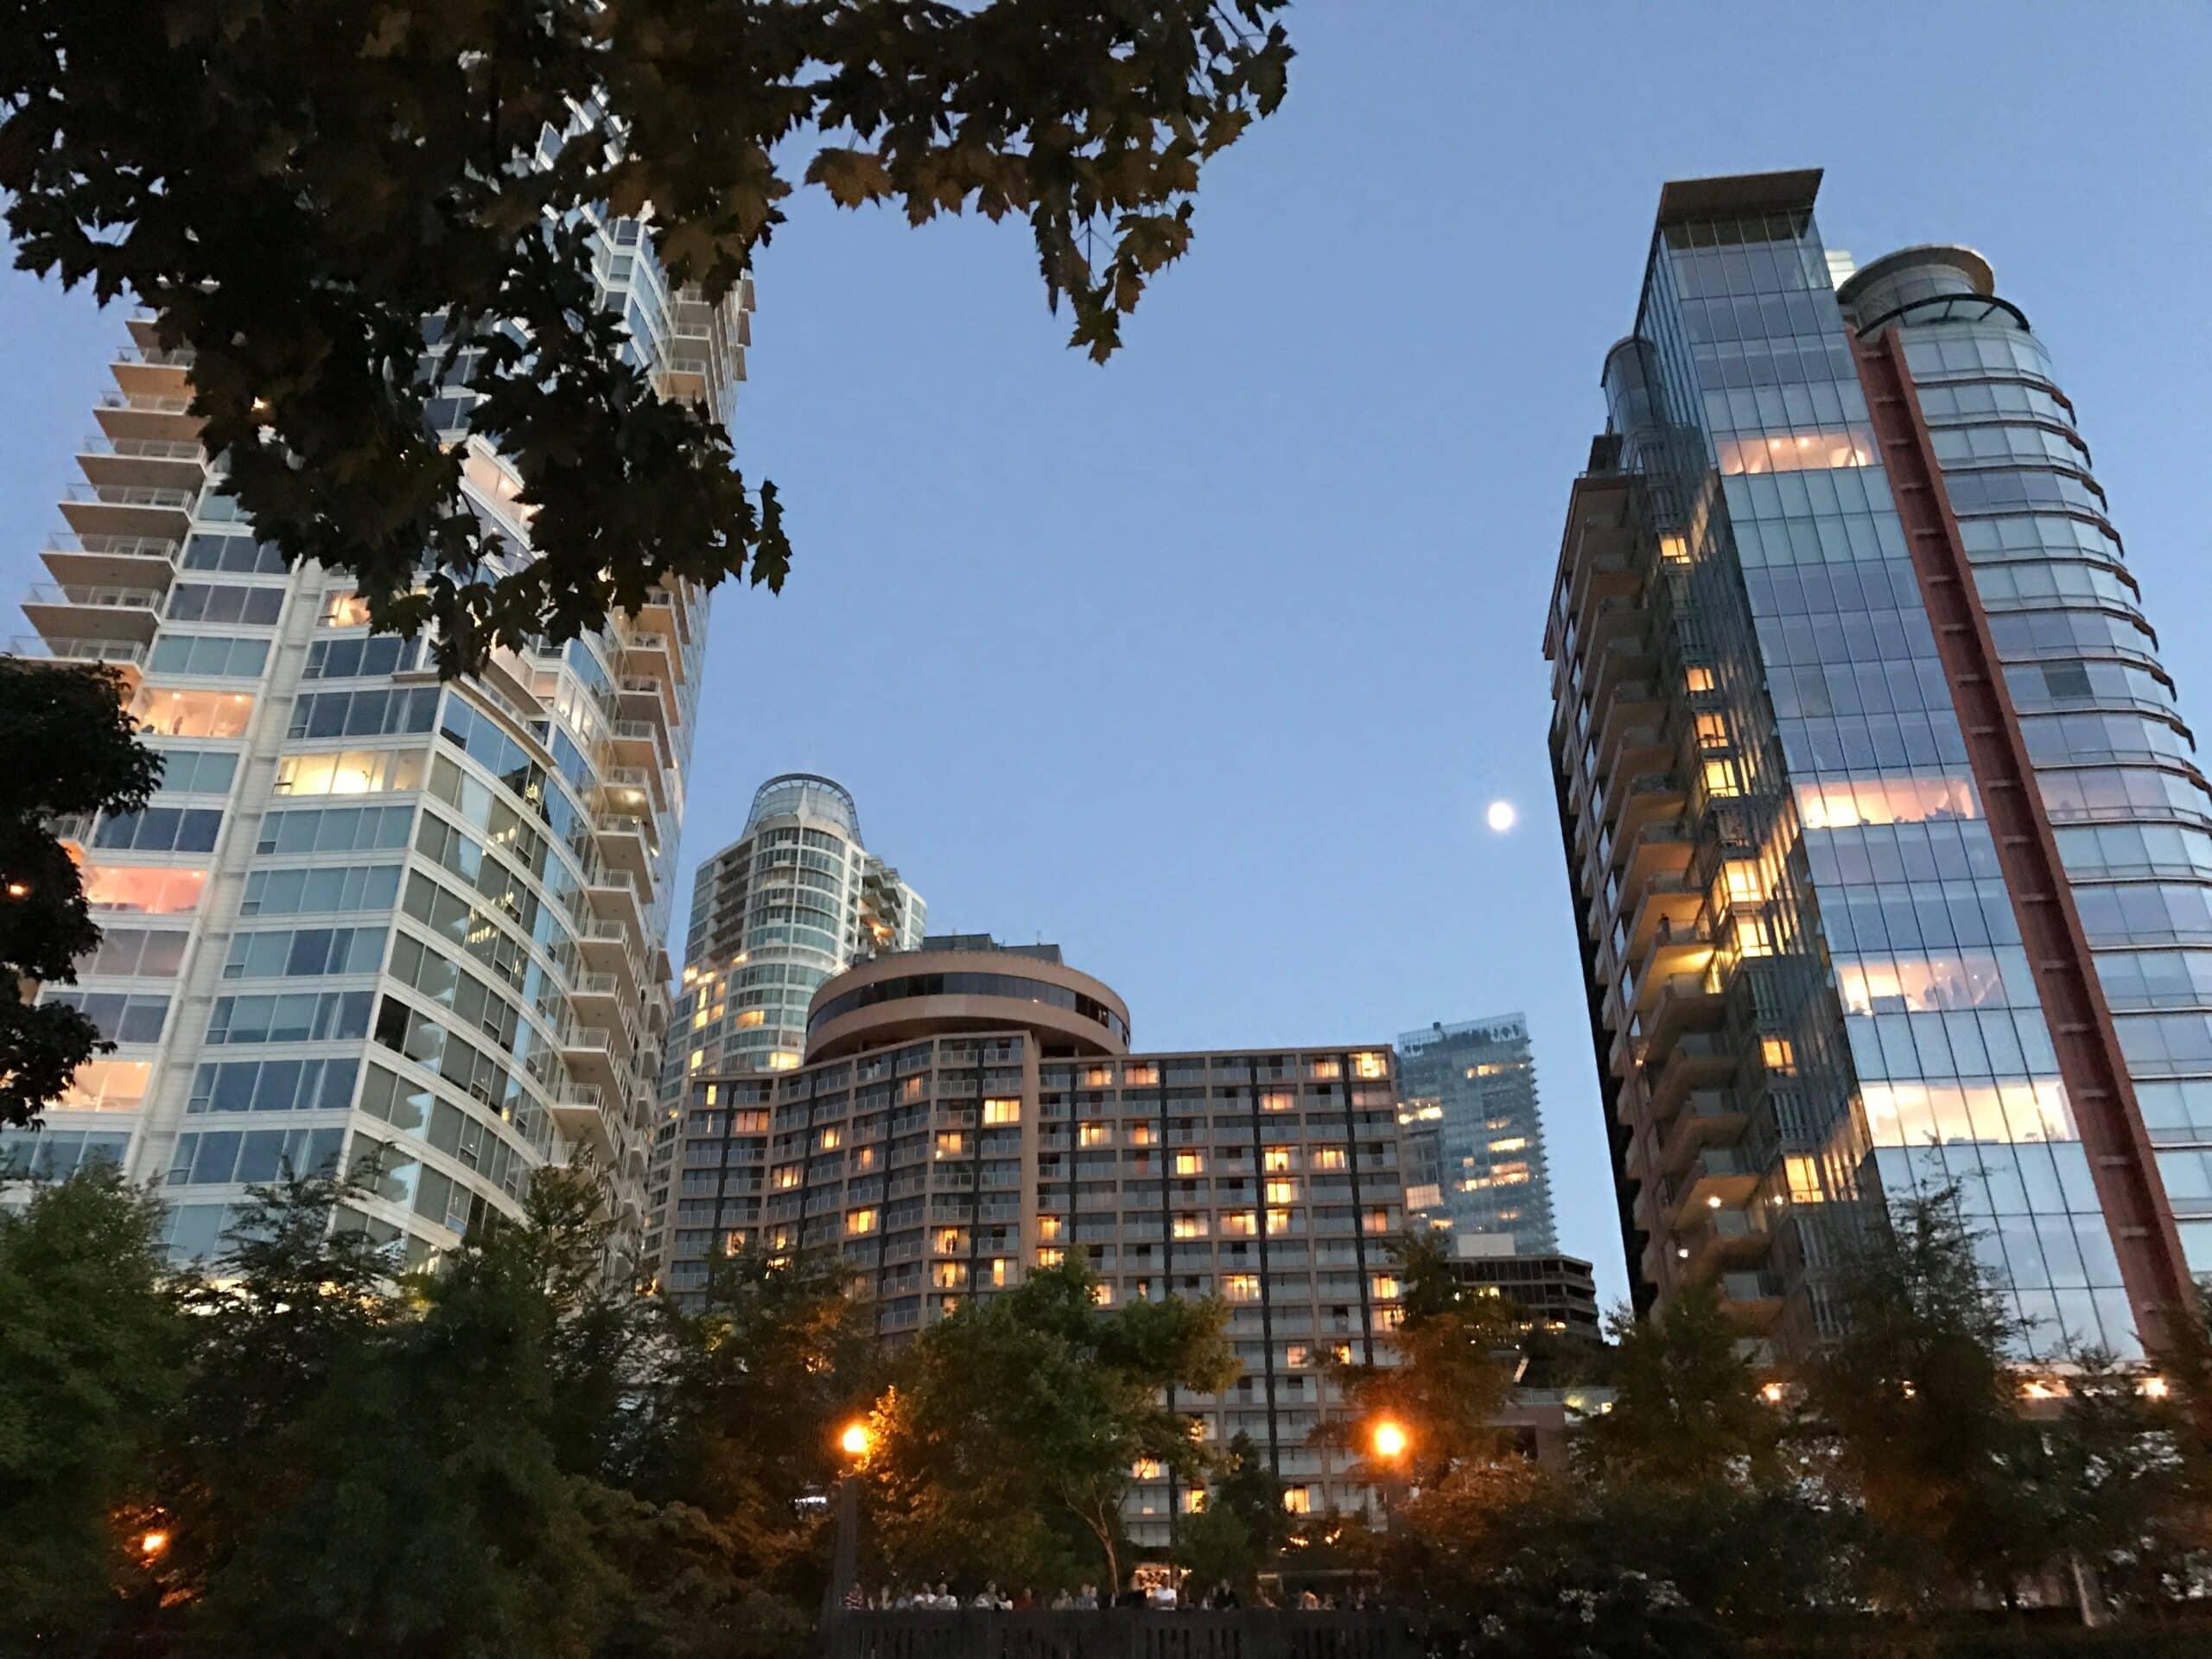 Intercâmbio Vancouver - Canadá | Descubra qual cidade do Canadá tem mais a ver com o seu perfil